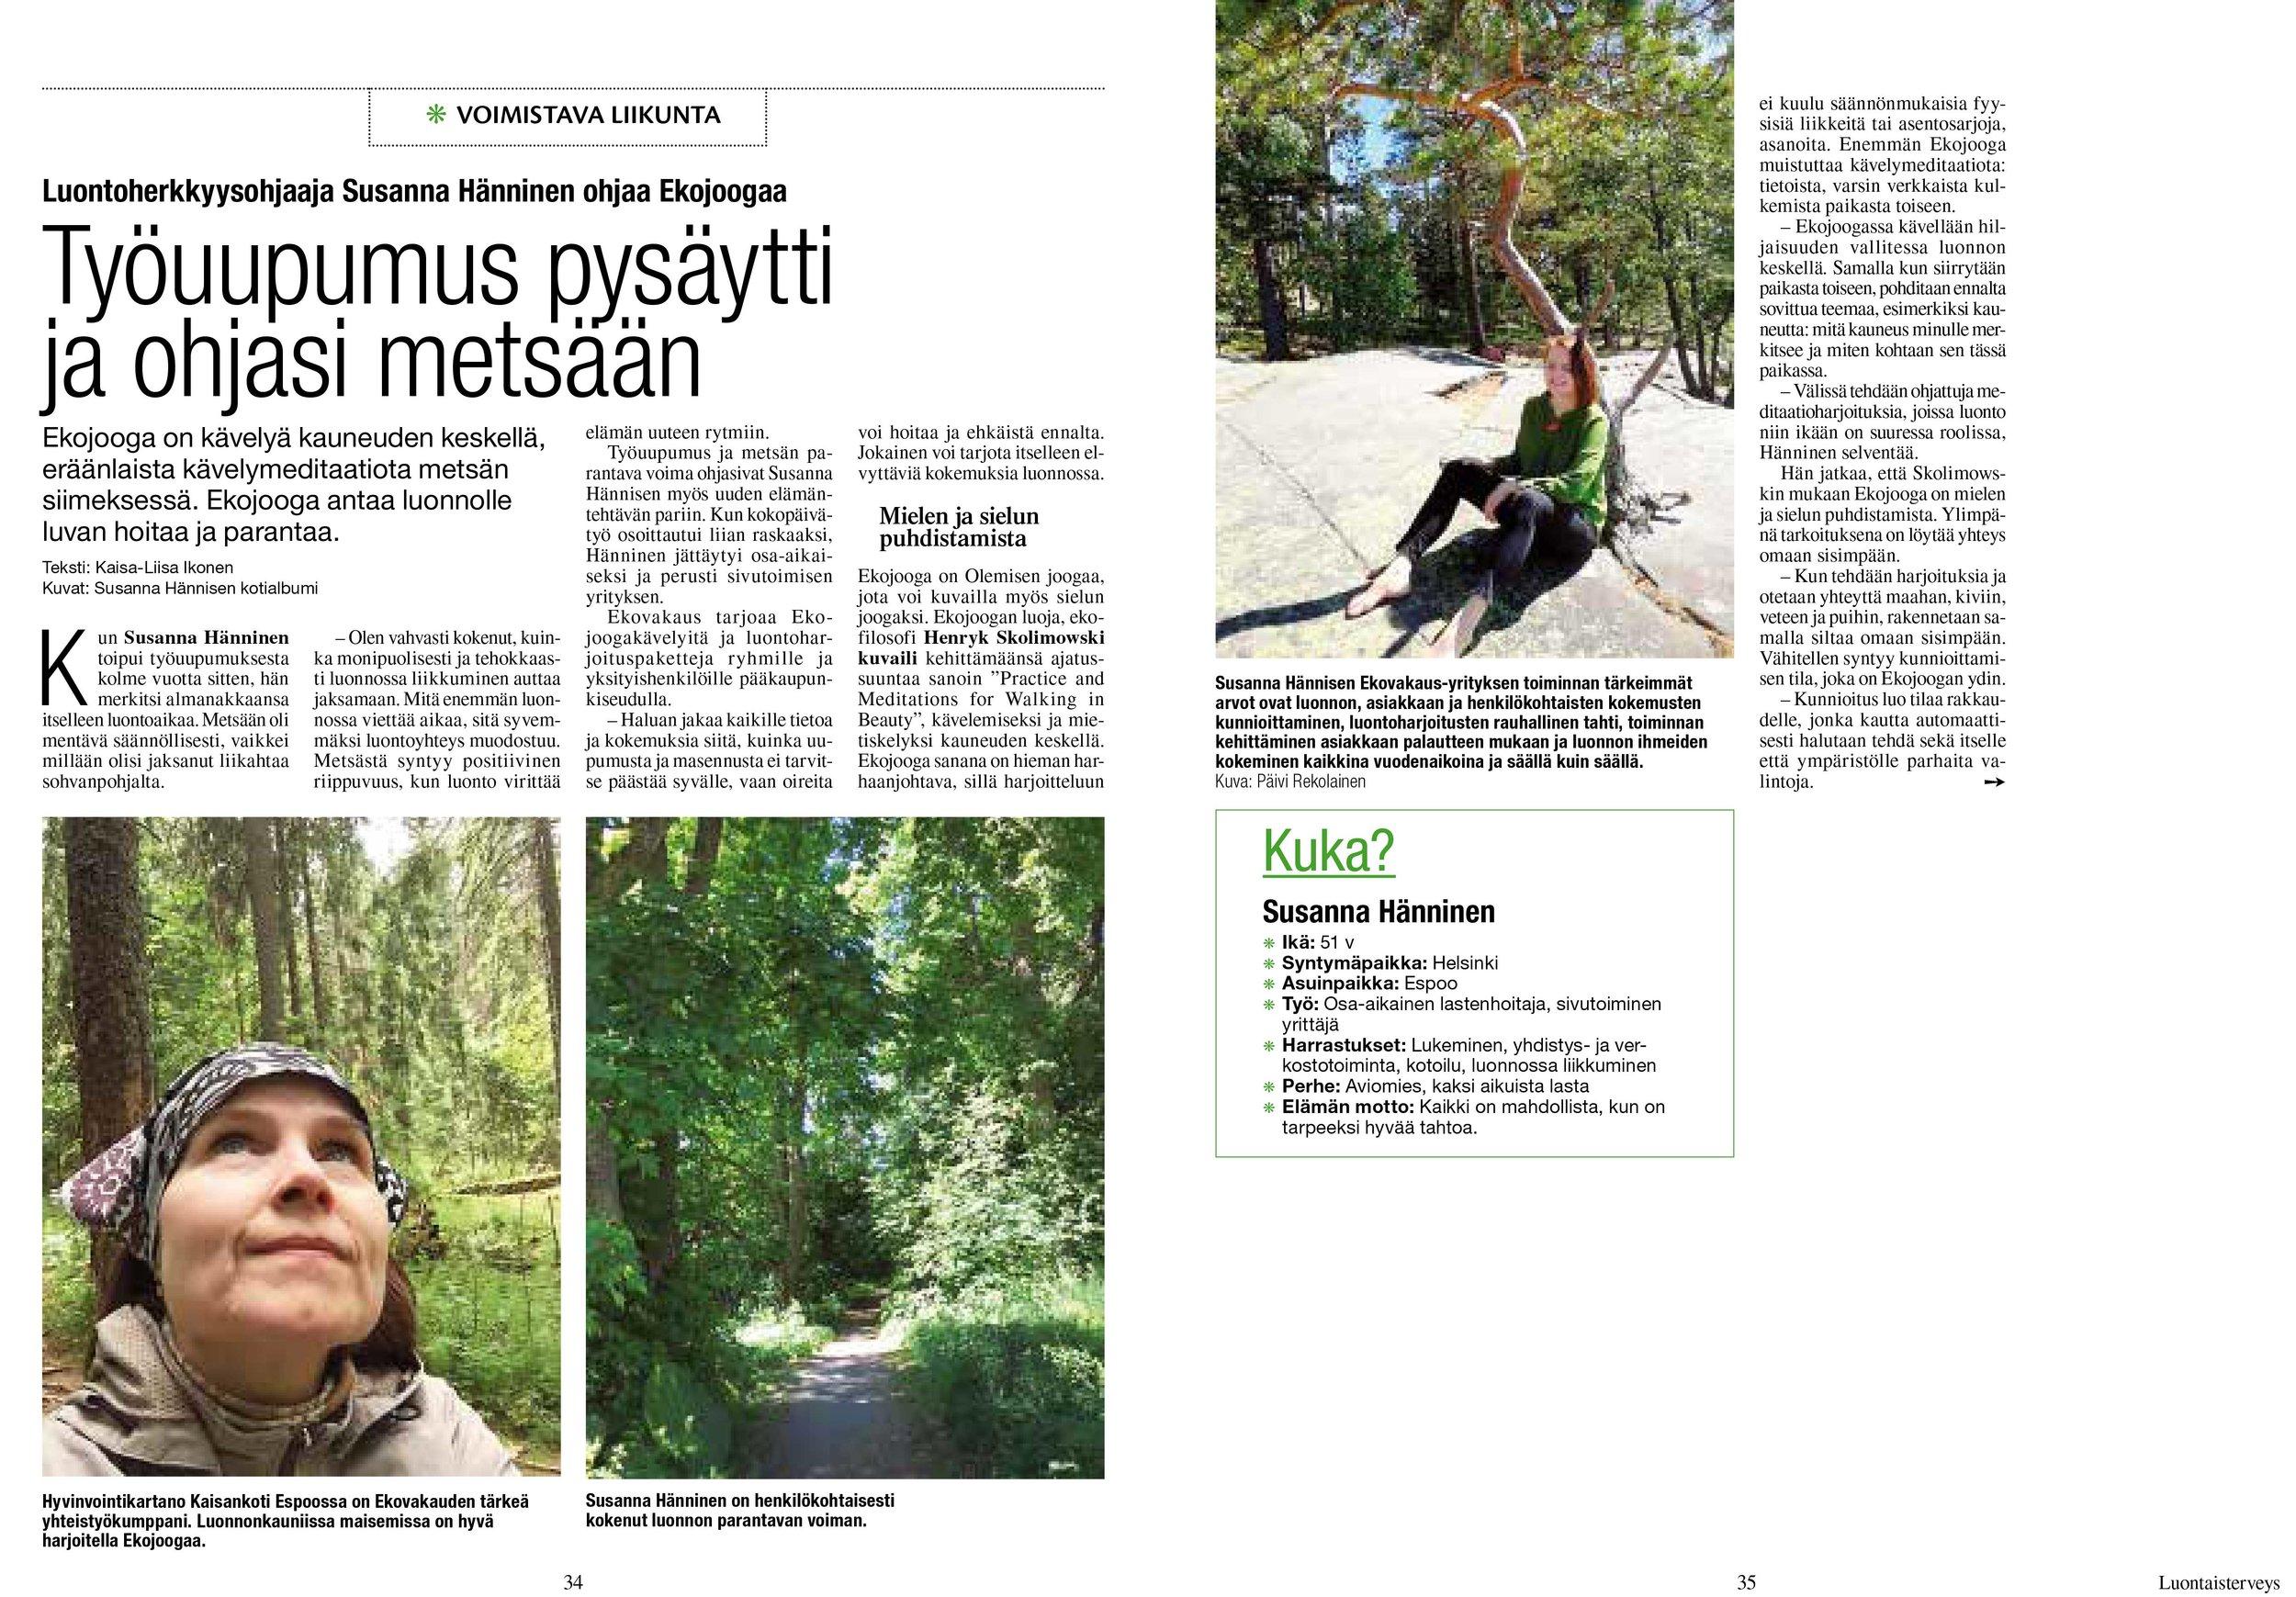 Luontaisterveys numero 6 / 2018. Teksti: Kaisa-Liisa Ikonen.